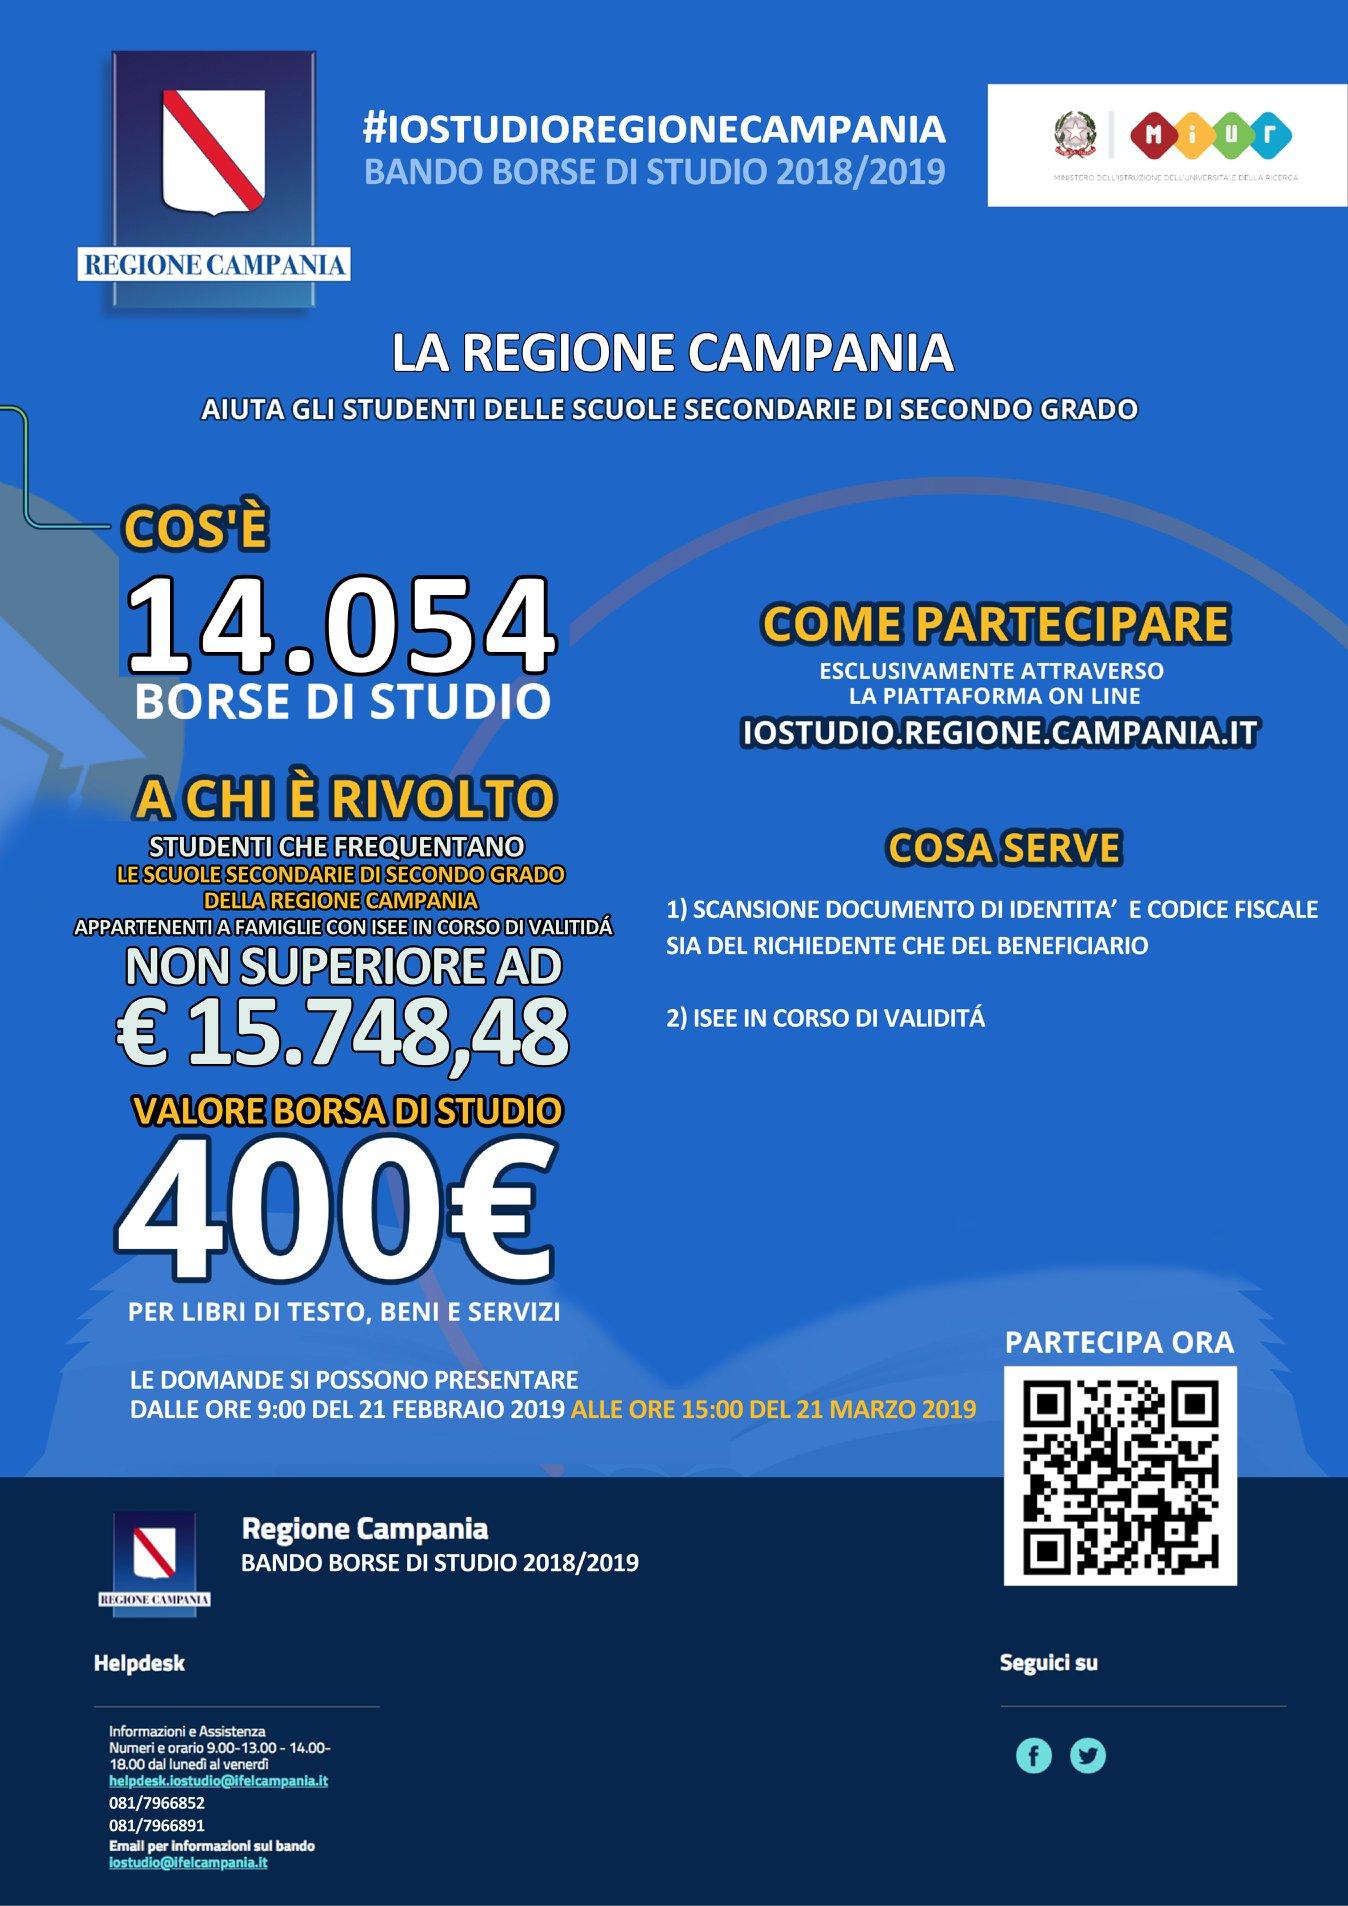 sito ufficiale cercare brillante nella lucentezza IOSTUDIOREGIONECAMPANIA: 14054 BORSE DI STUDIO PER I RAGAZZI ...